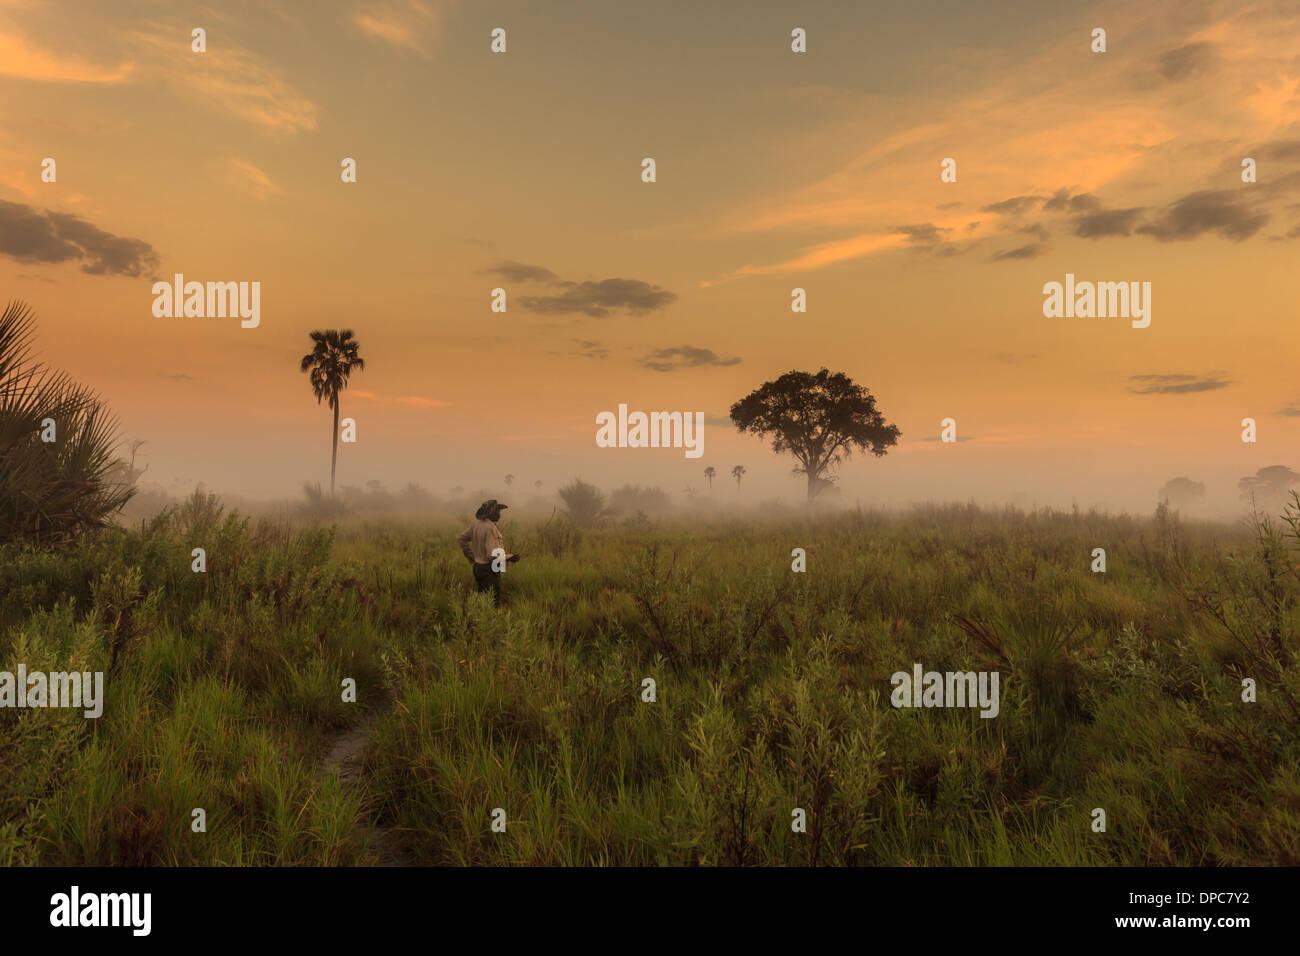 Safari Guide Studien Feuchtgebiete auf Anzeichen von Wildlife Touristen, Botswana, Afrika als Sonnenaufgänge und Nebel verbrennt zu zeigen Stockbild